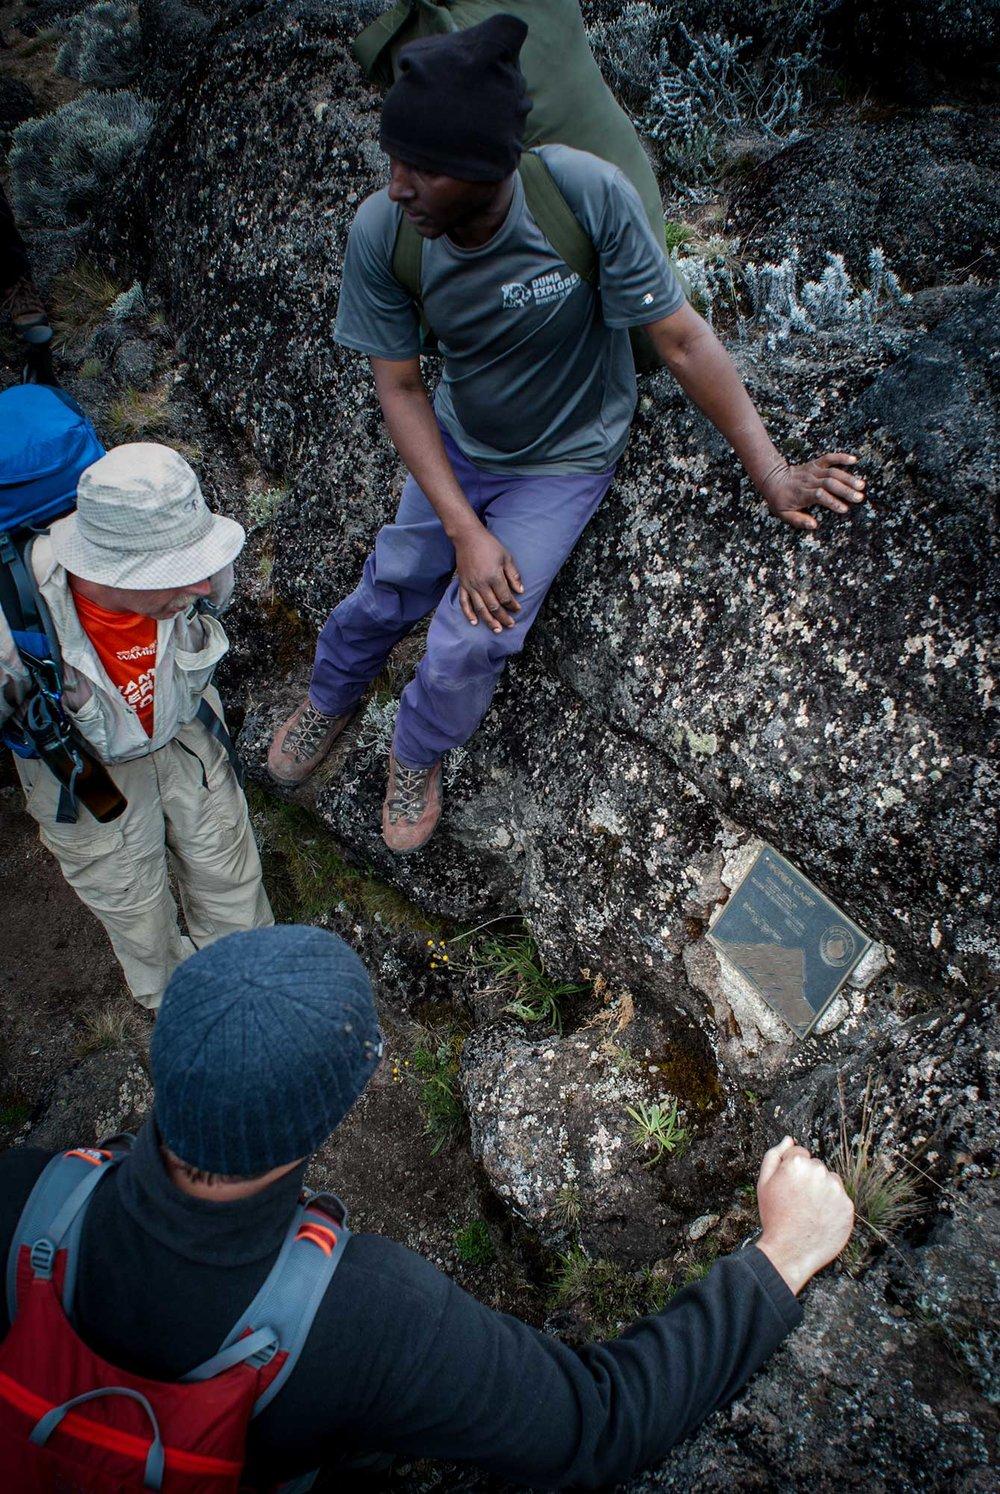 D3-21-Kilimanjaro-guide-teaching-climbers-about-Scott-Fischer-memorial.jpg